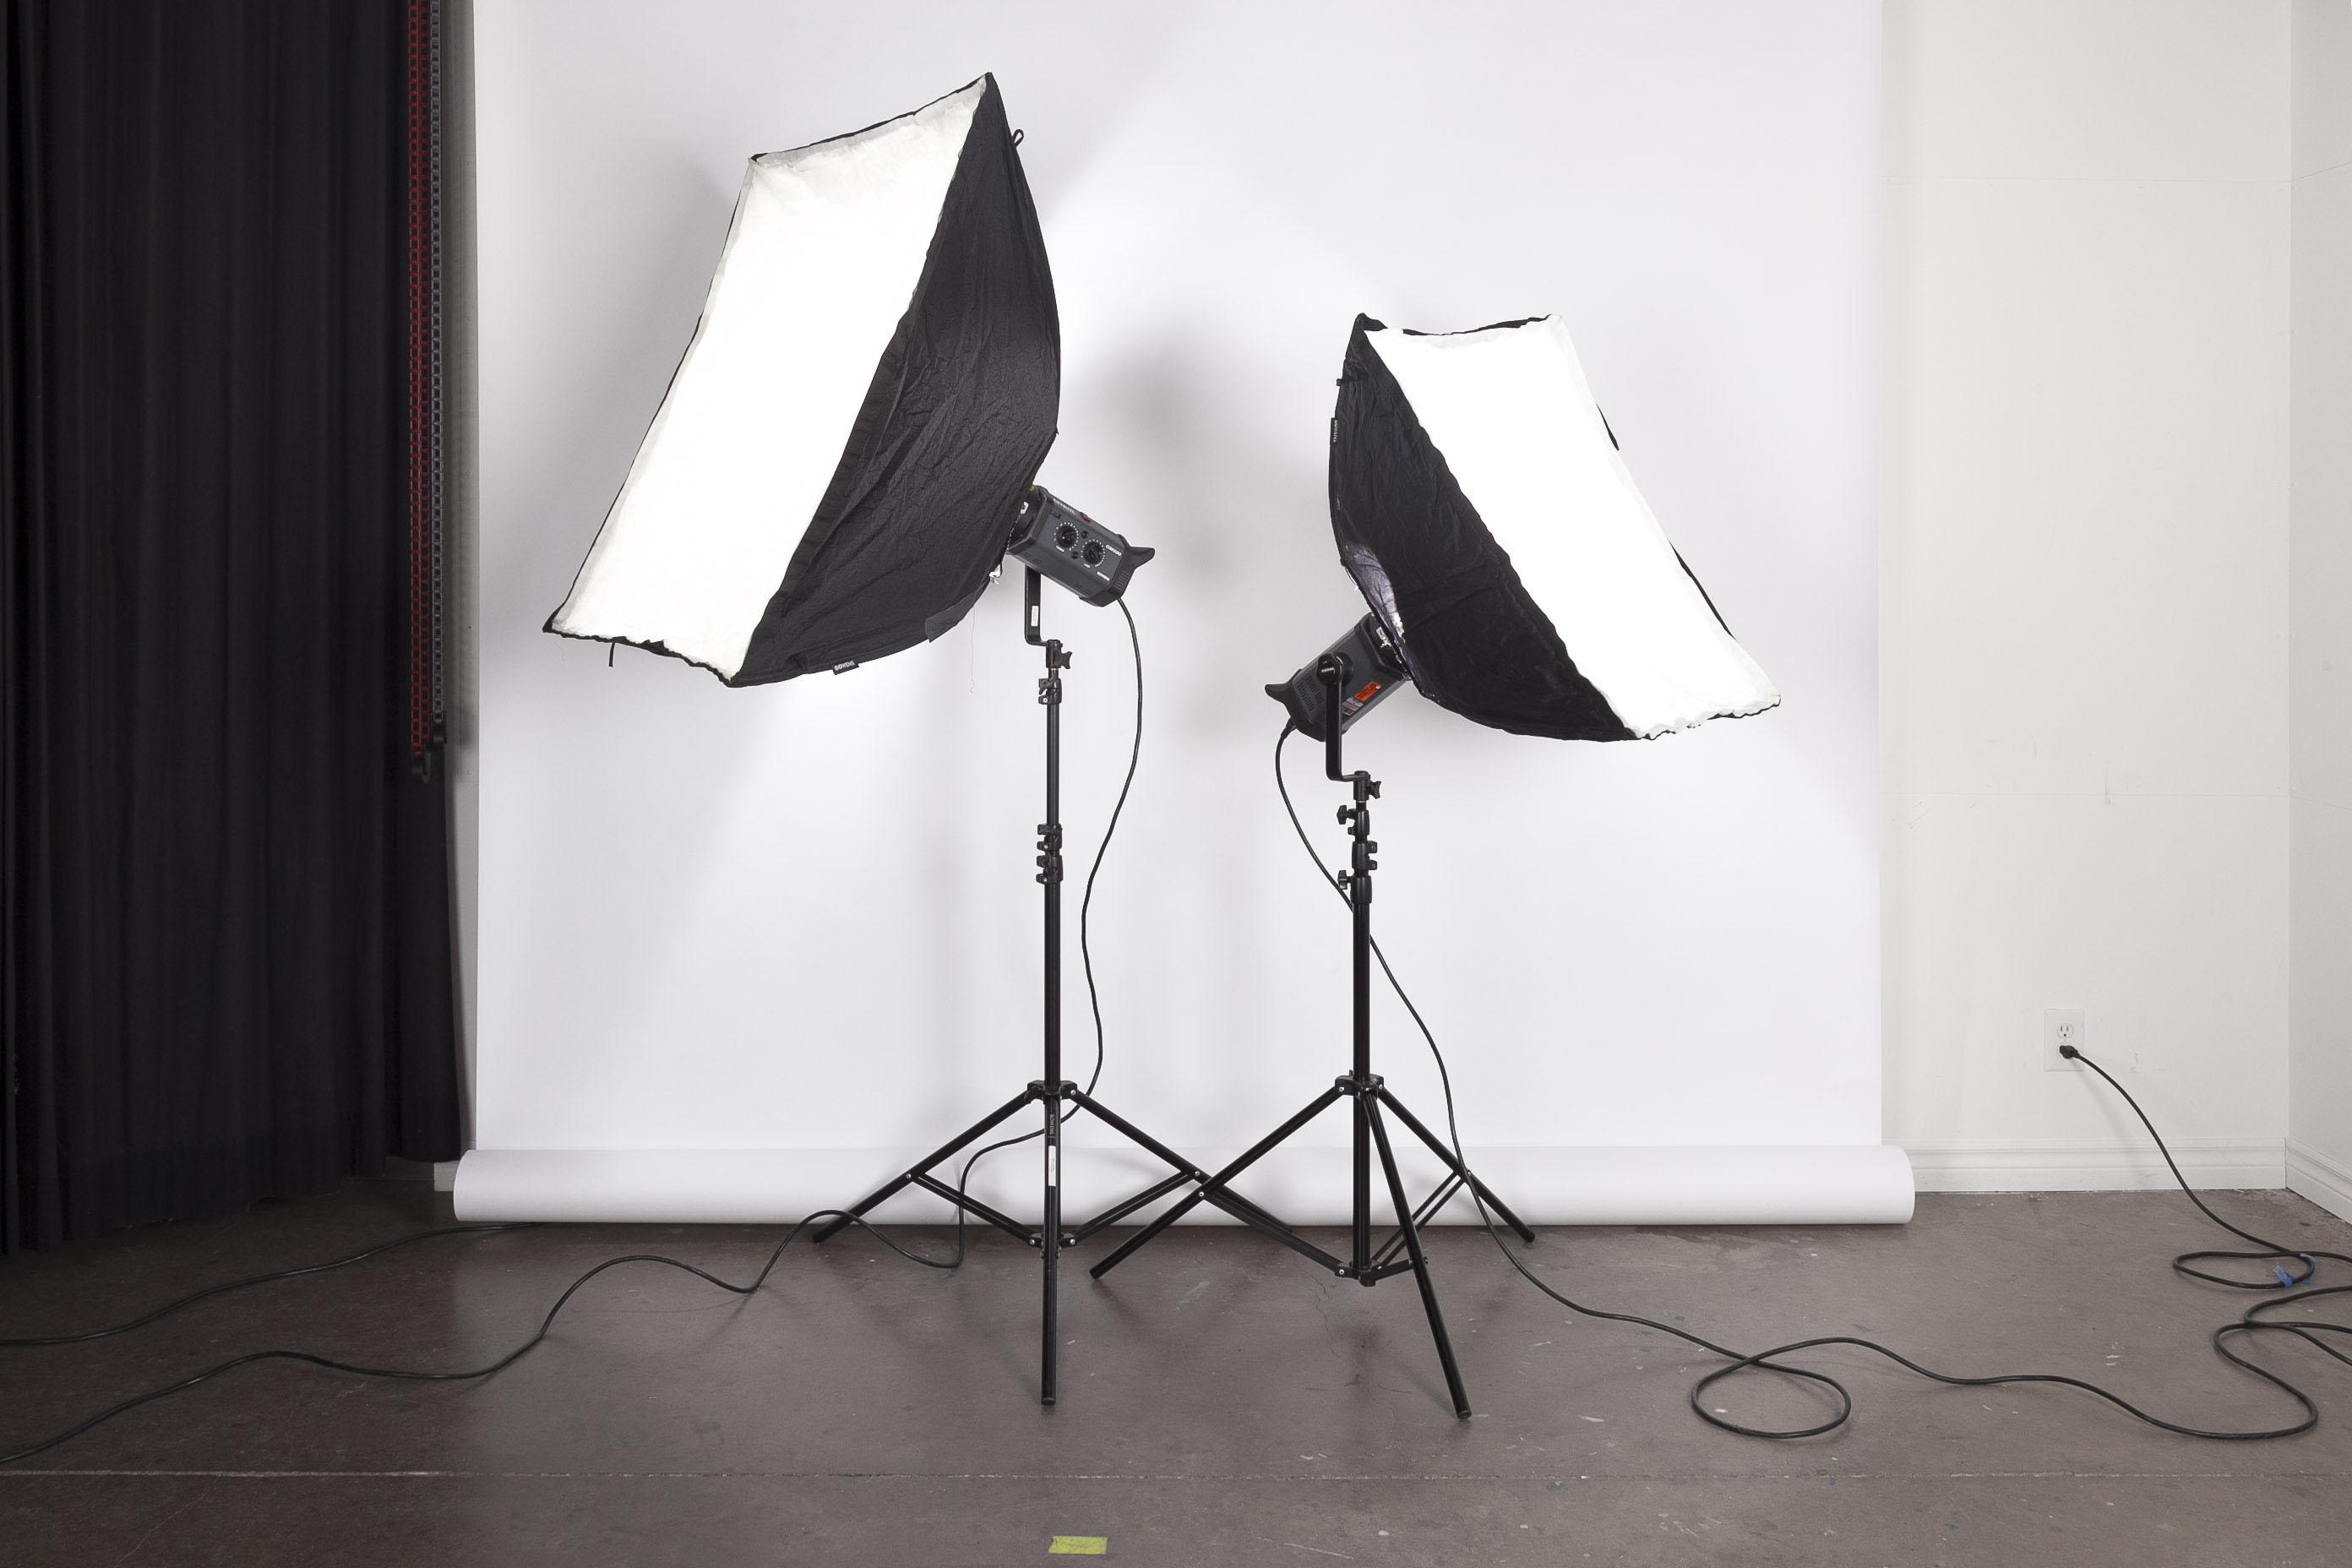 Bowens 2-Light Kit